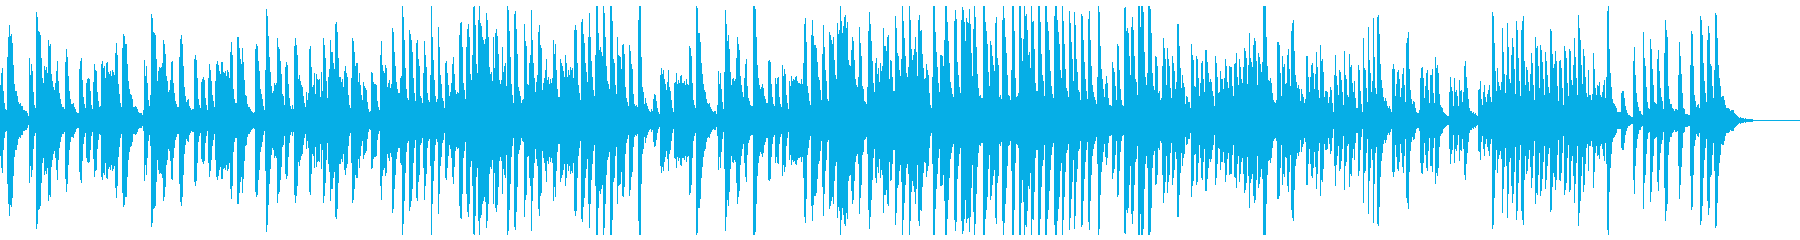 ピアノのクールなトラックの再生済みの波形